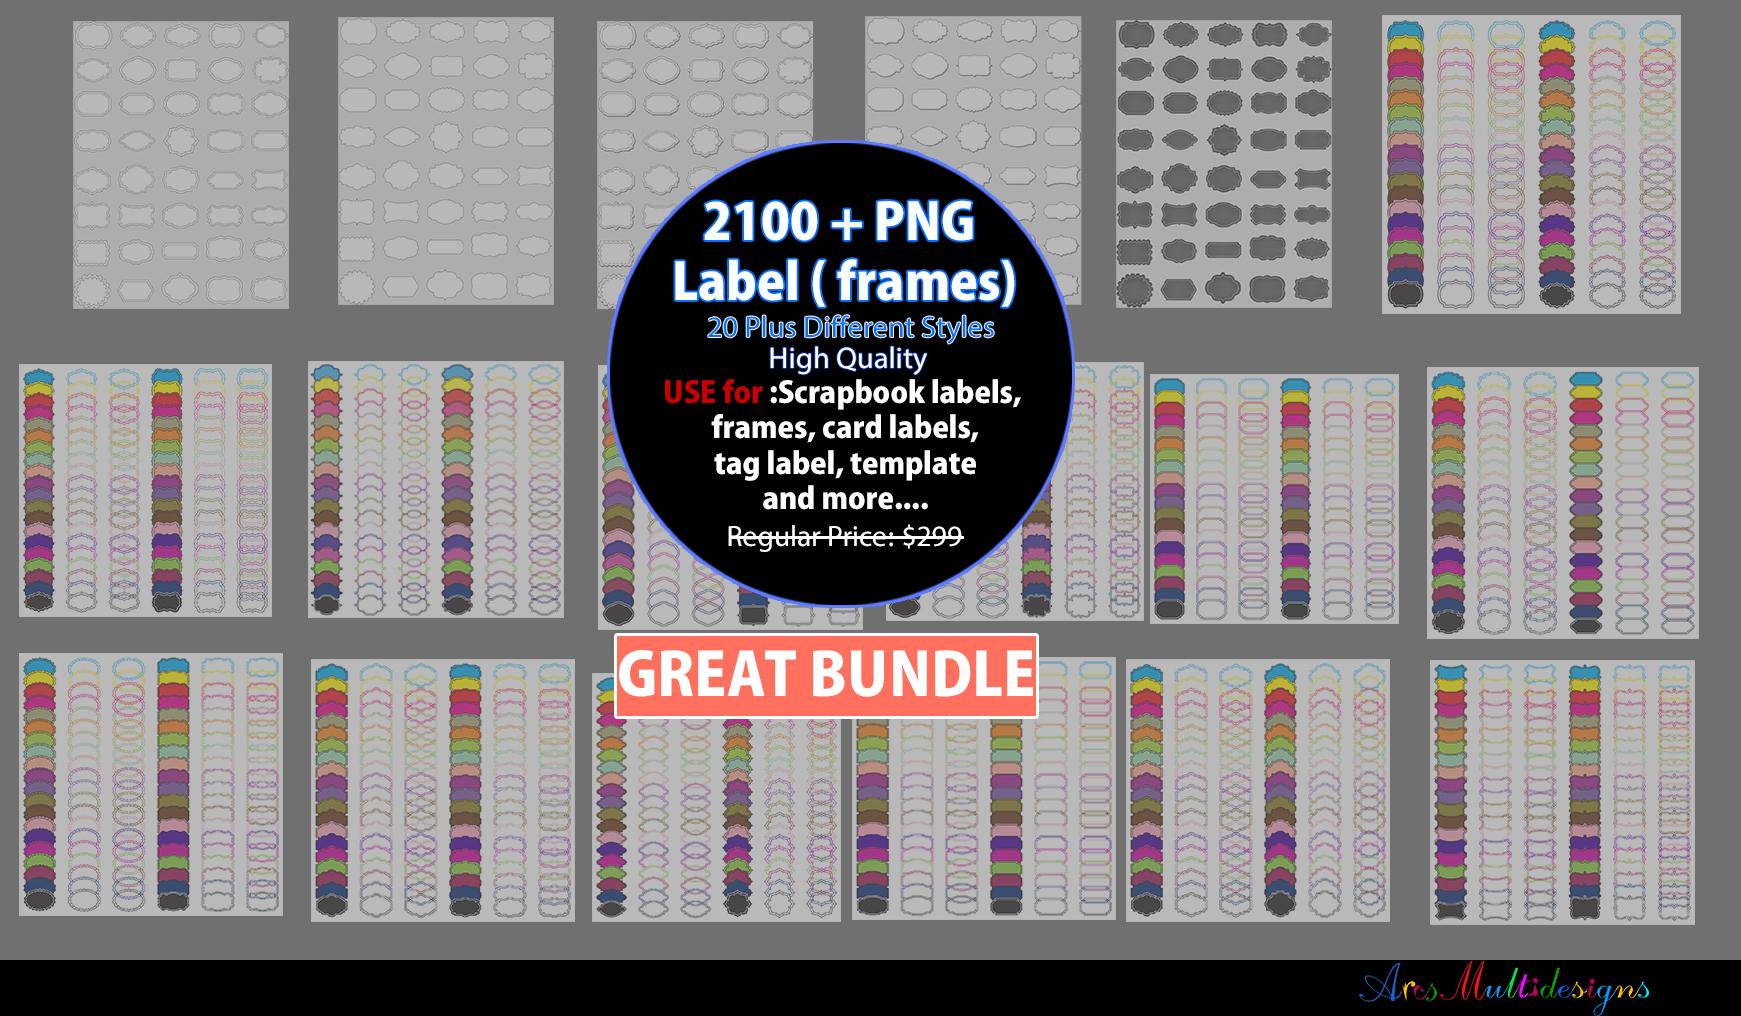 Label clipart bundle / digital label clipart bundle / frames bundle / high quality frames / digital frames clip art / label clipart example image 1